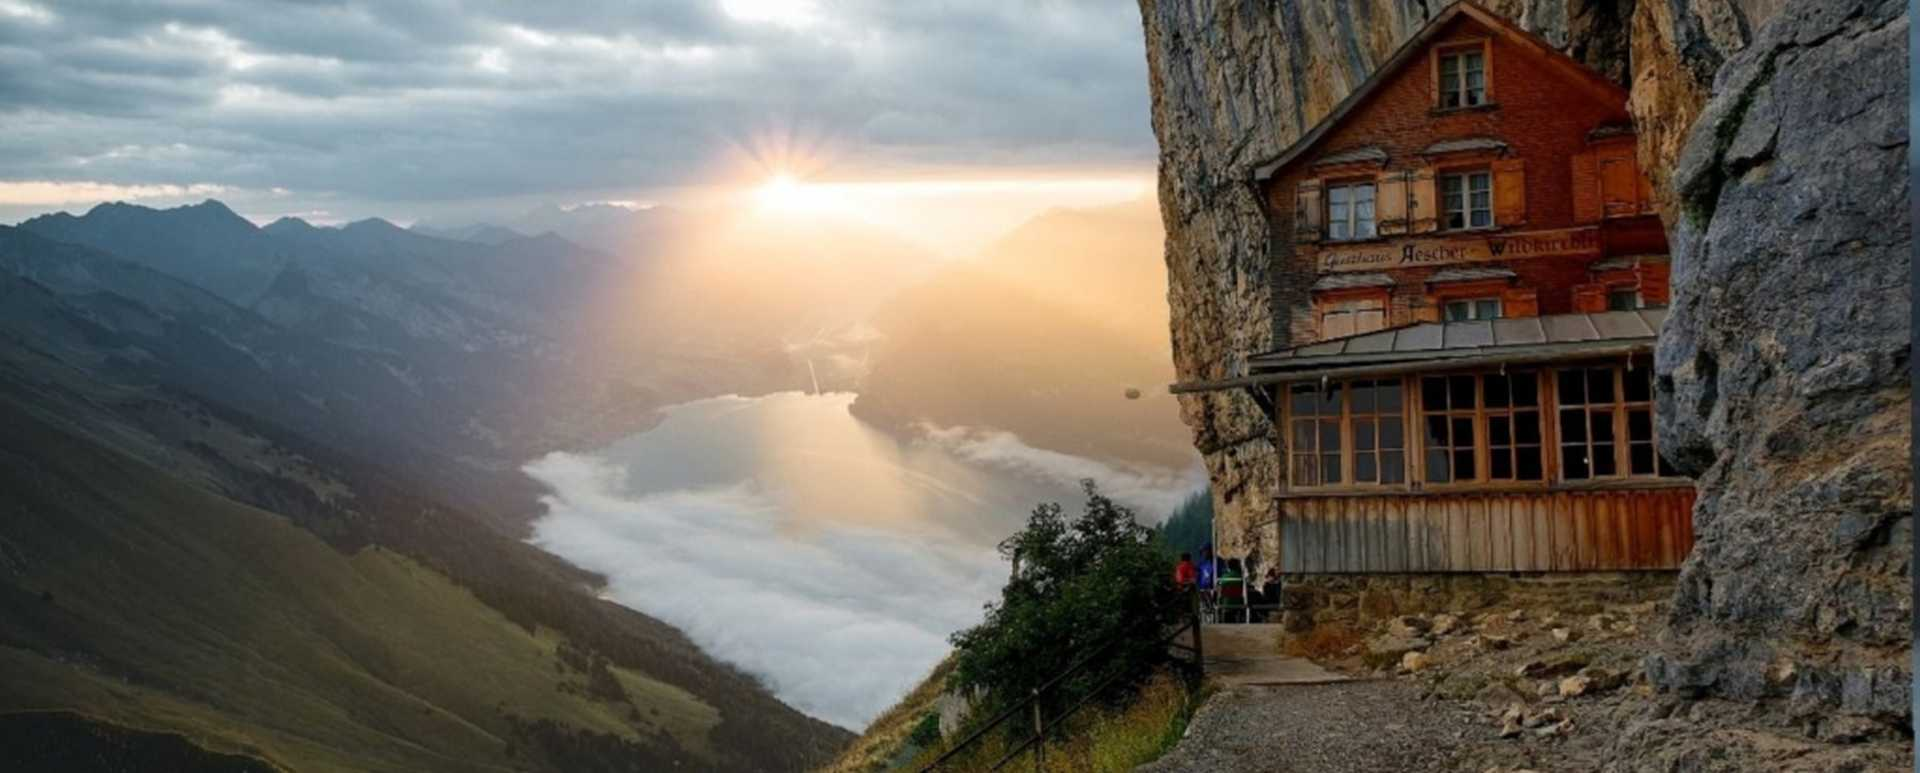 das Gasthaus Aeschen im Alpsteinmassiv im Appenzellerland, Schweiz